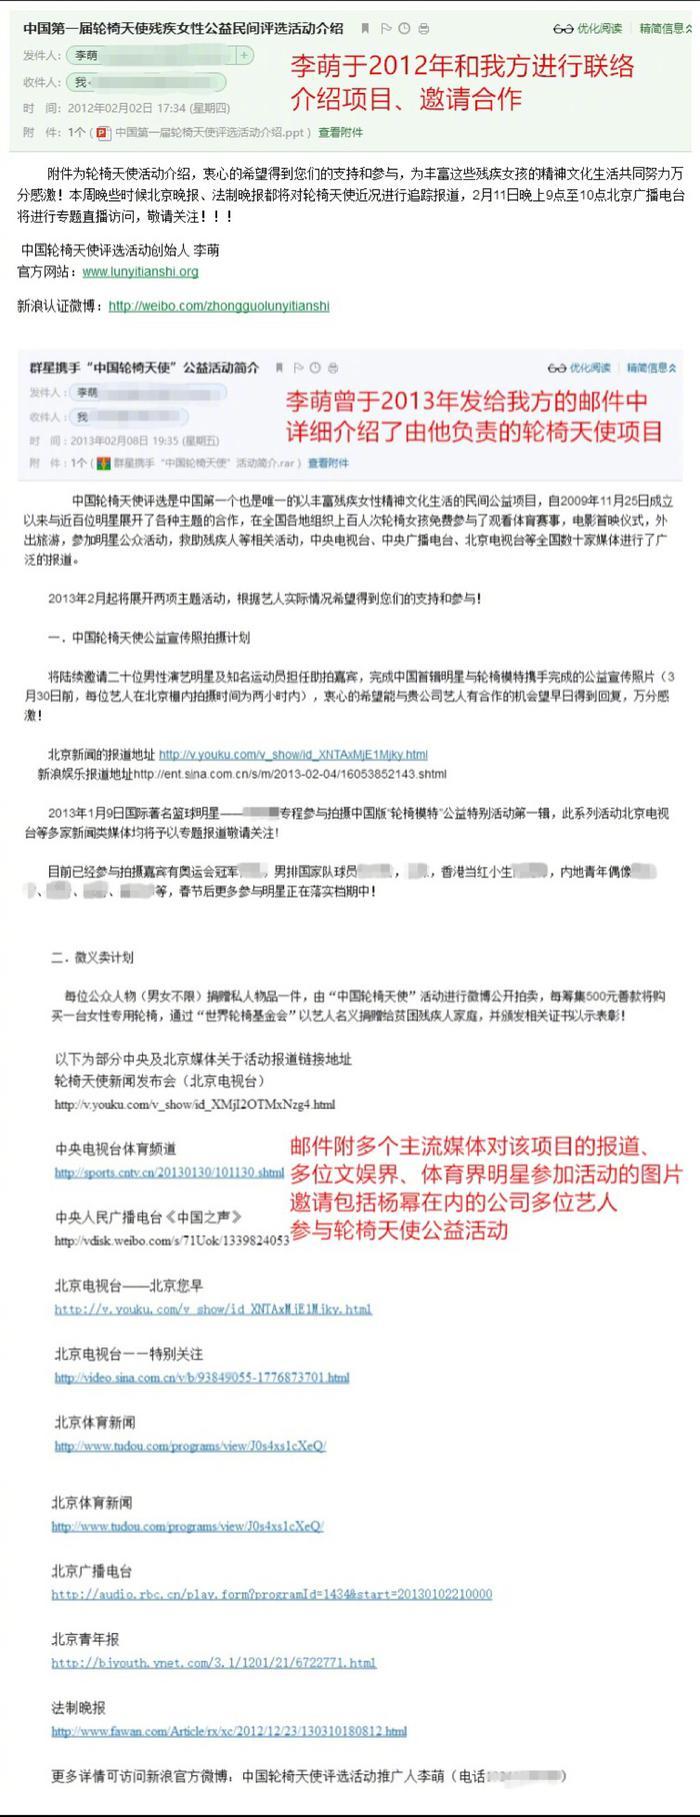 李萌和杨幂方面的邮件沟通